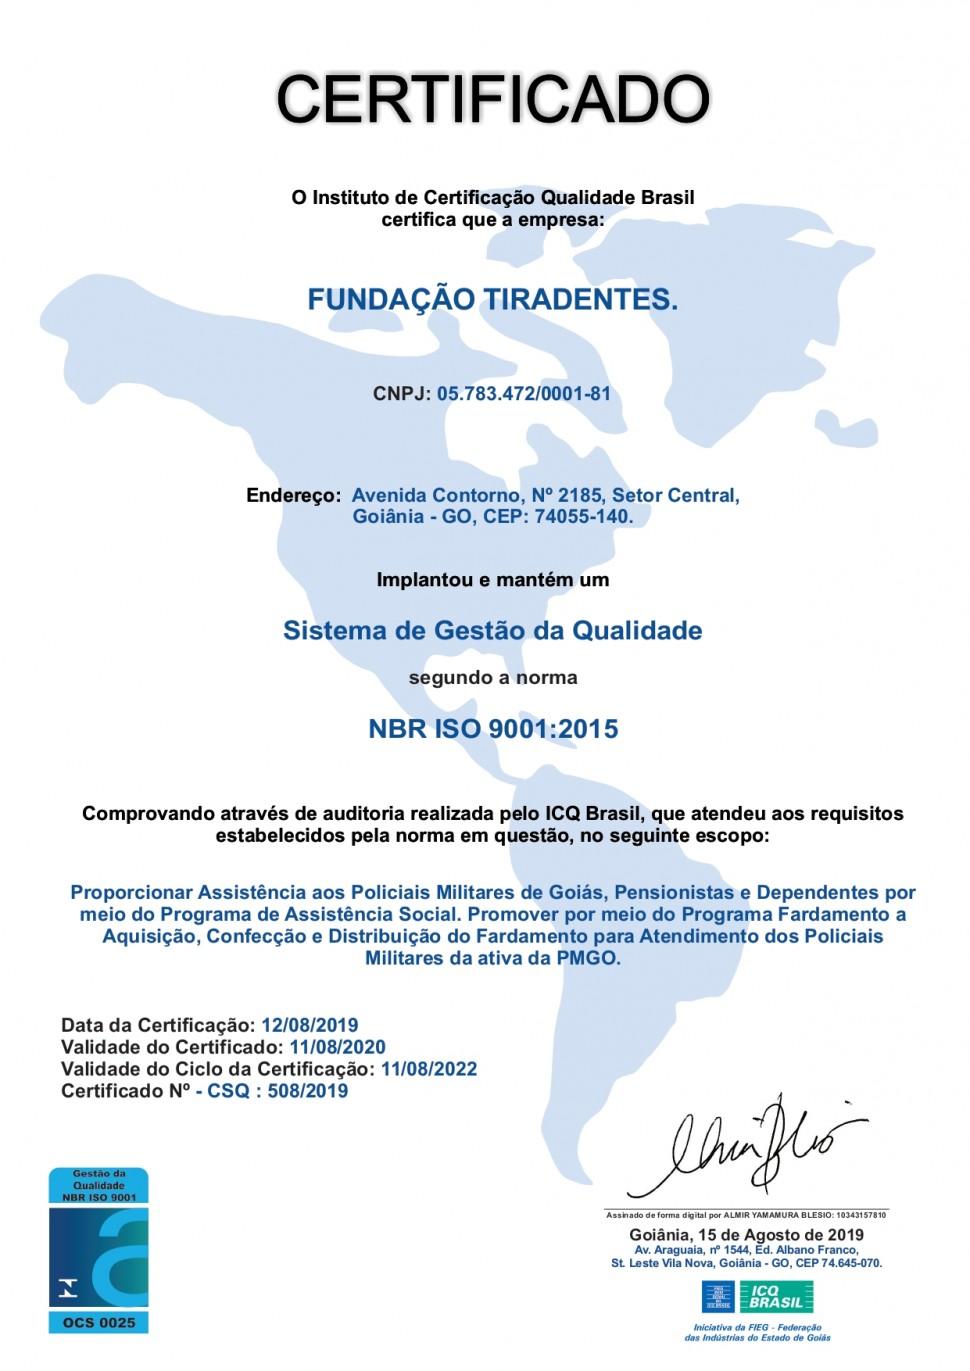 Certificado ISO 9001:2015 Fundação Tiradentes